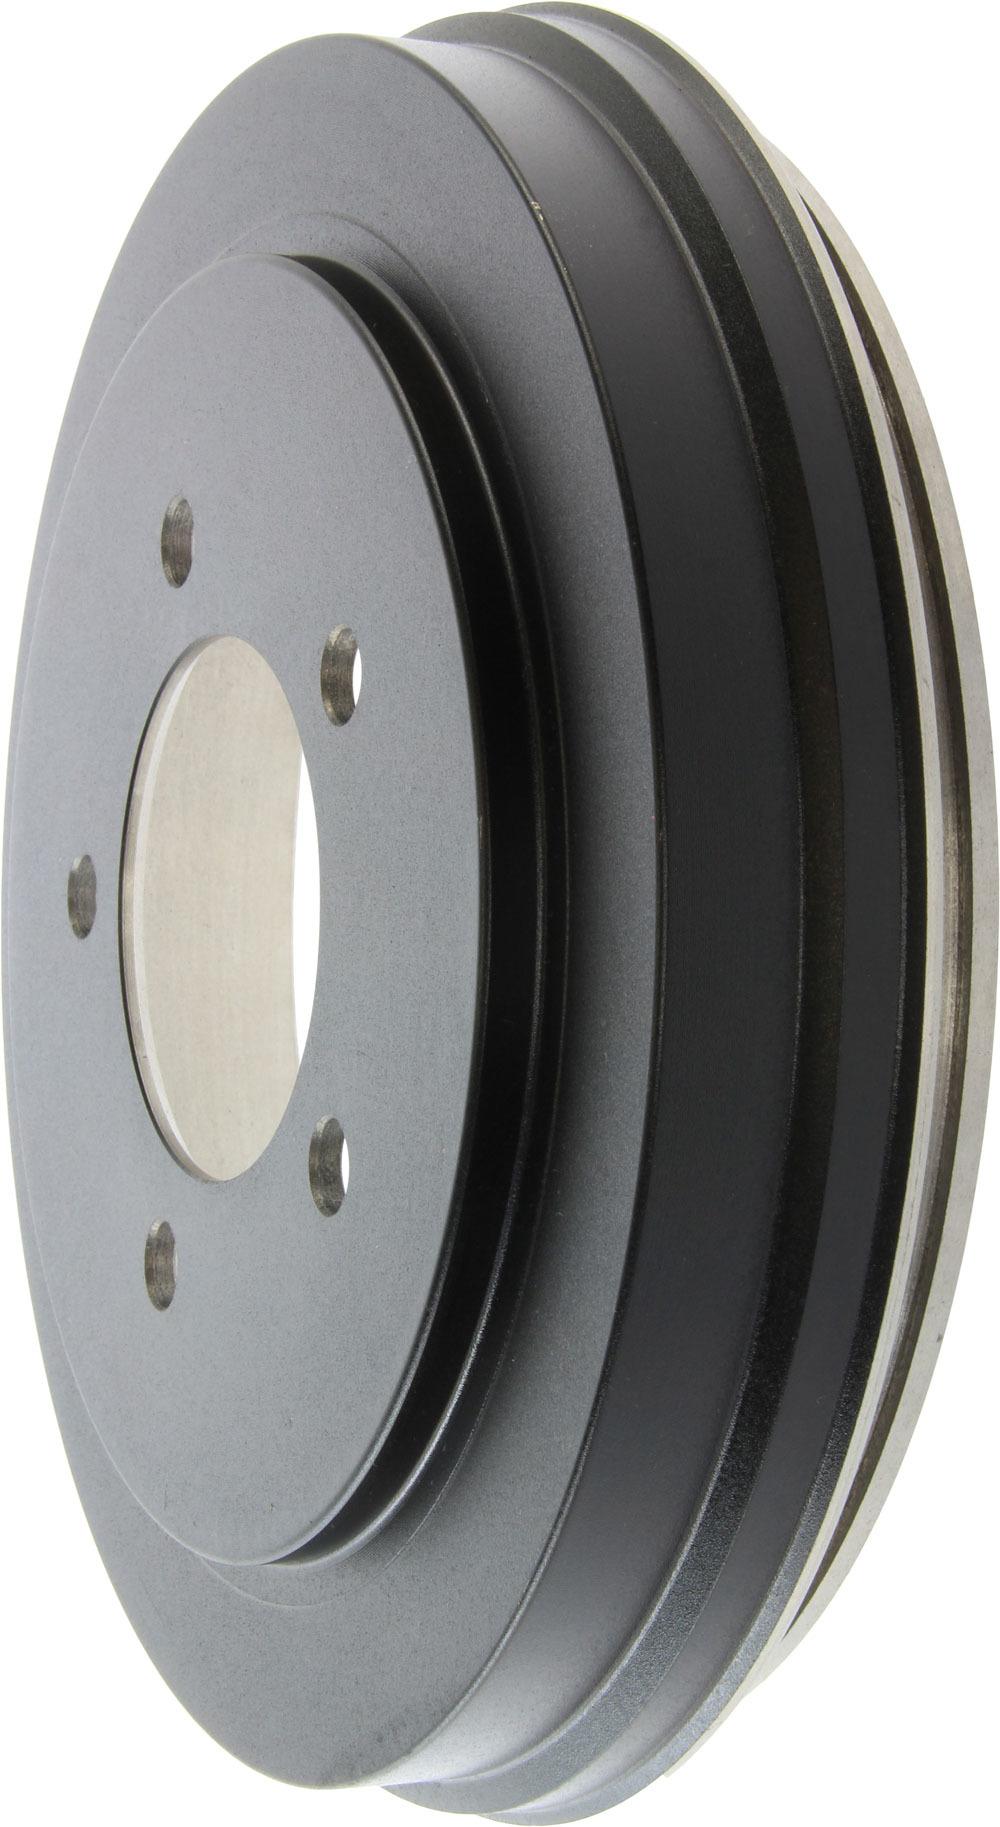 Centric Brake Parts Premium Brake Drum